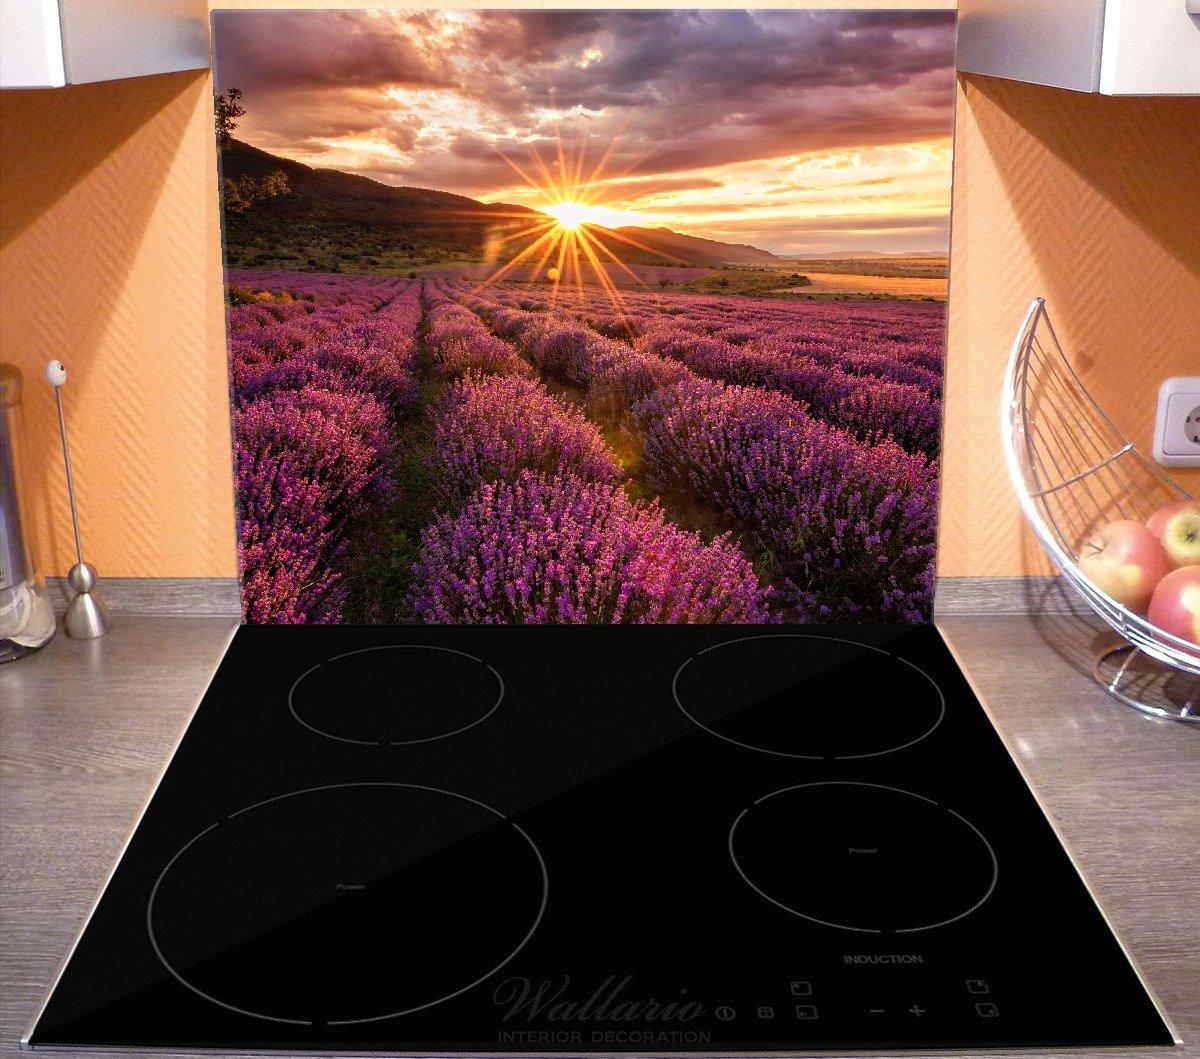 f/ür Ceran- und Induktionsherde Lavendelfeld bei Sonnenuntergang Wallario Herdabdeckplatte//Spritzschutz aus Glas Sonnenstrahlen 1-teilig 52x60cm